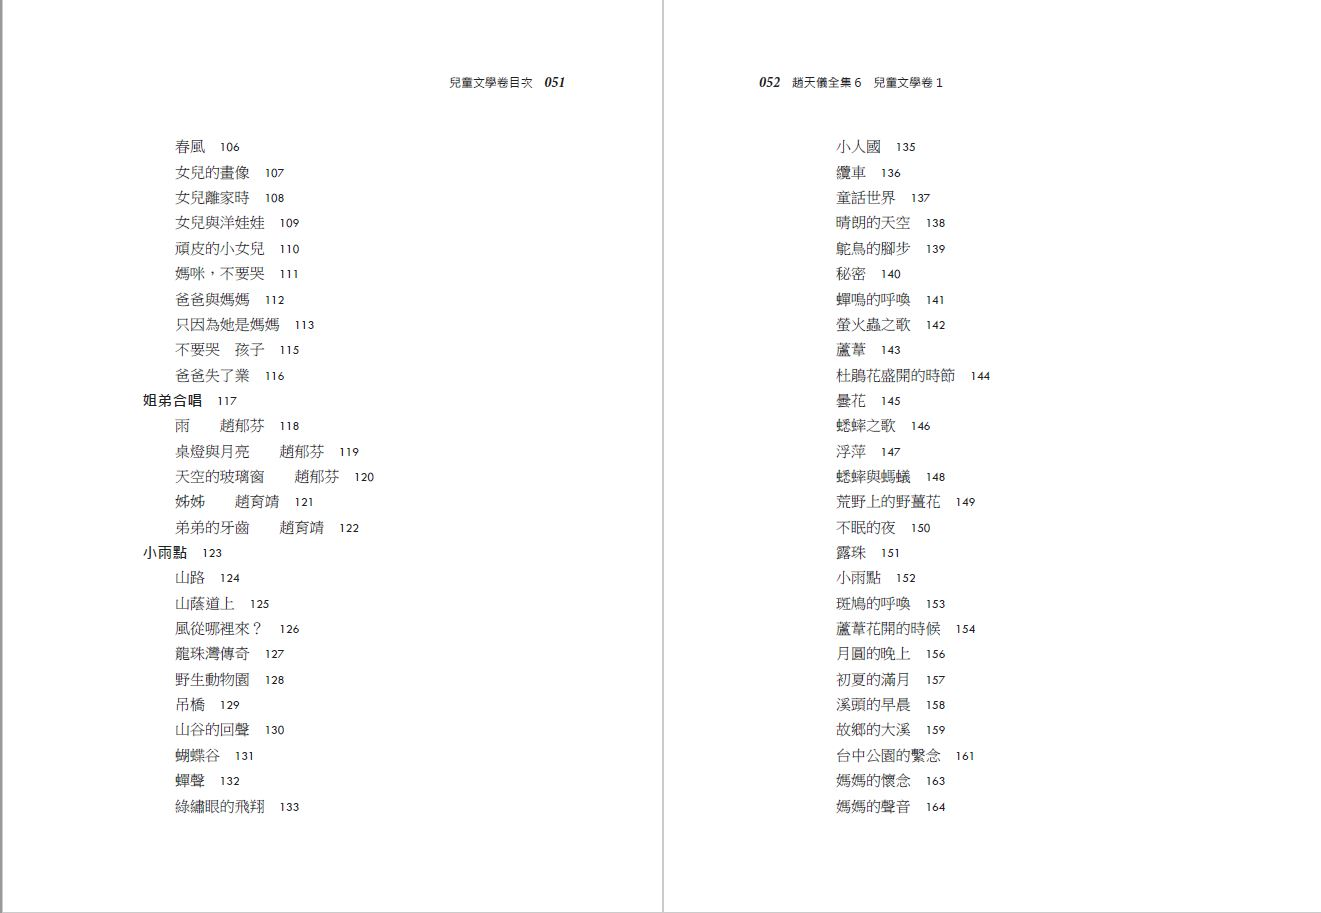 趙天儀全集-兒童文學卷-目錄3.JPG